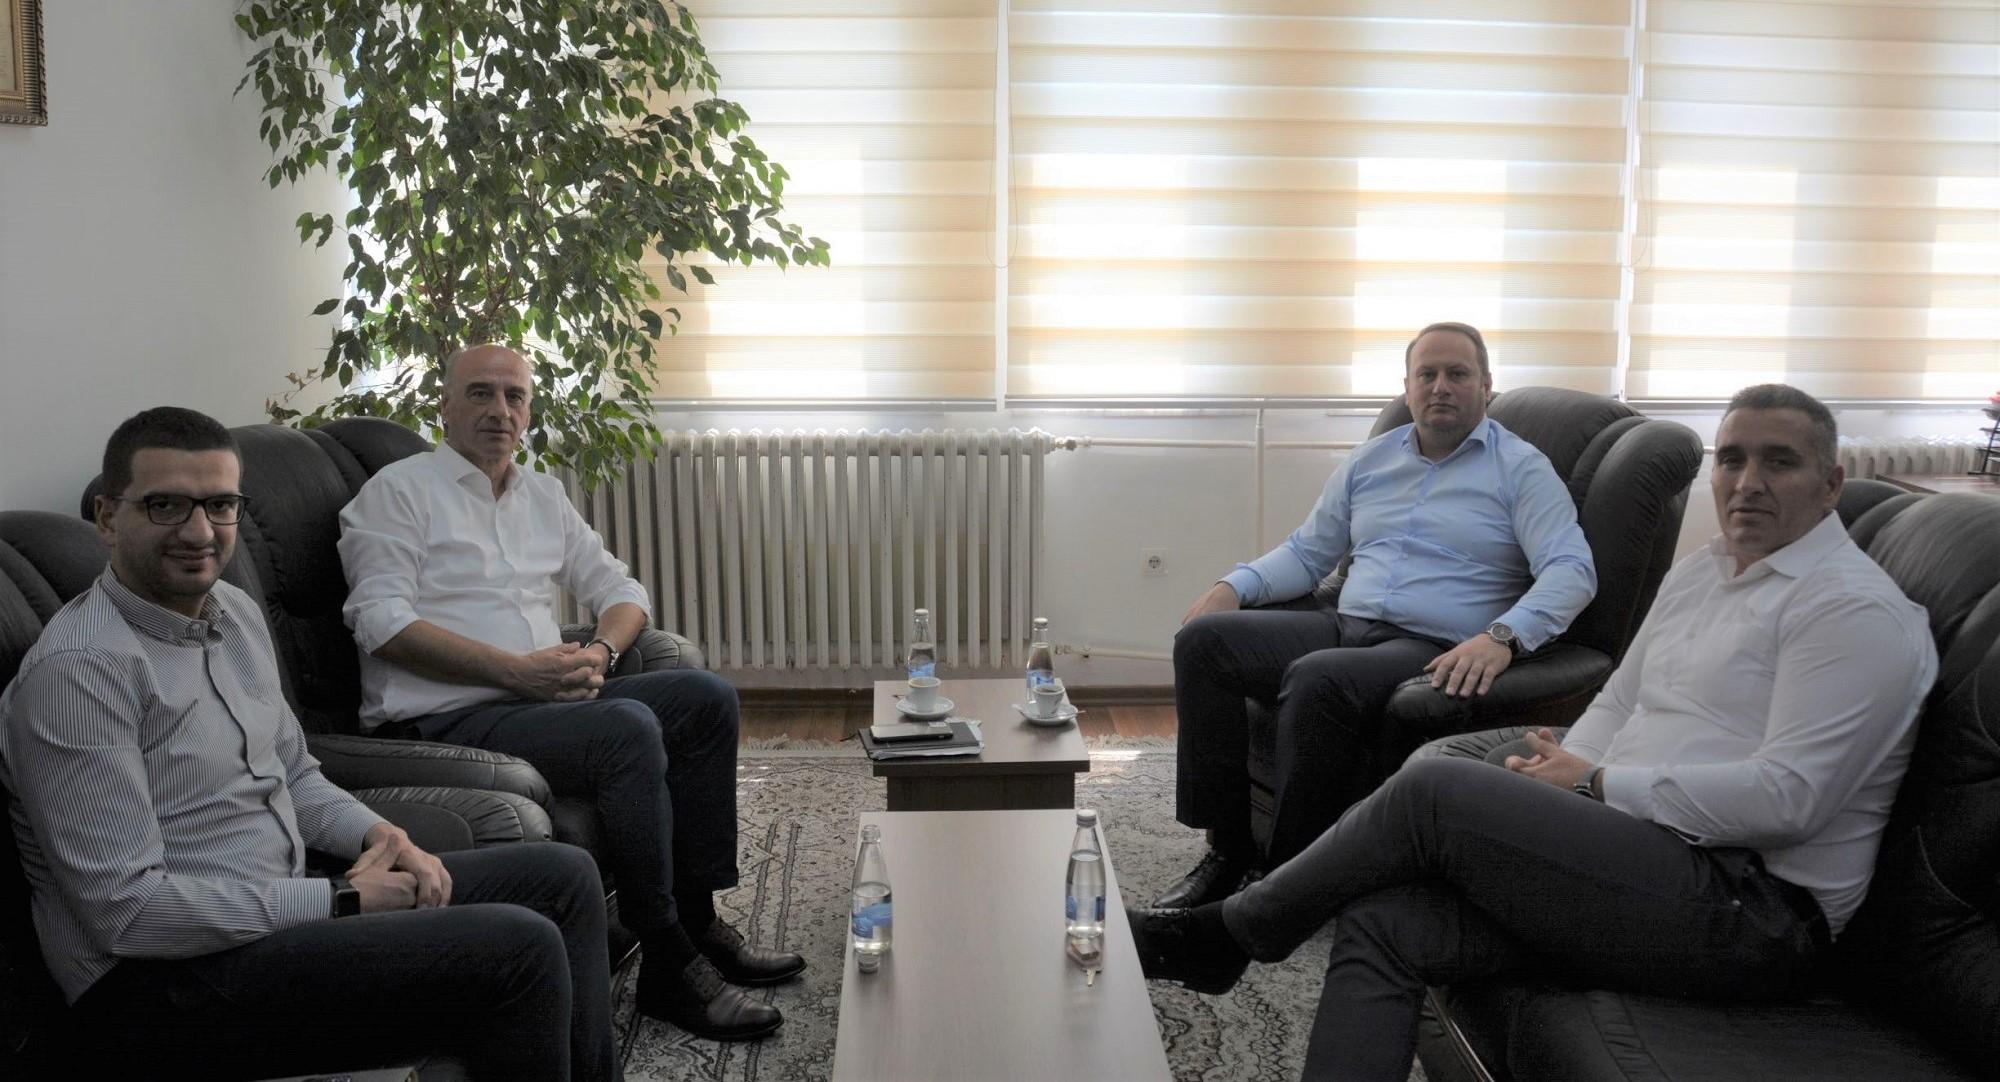 Kryesuesi i KPK-së, Maloku, takoi Kryesuesin e KGJK-së, Zogaj